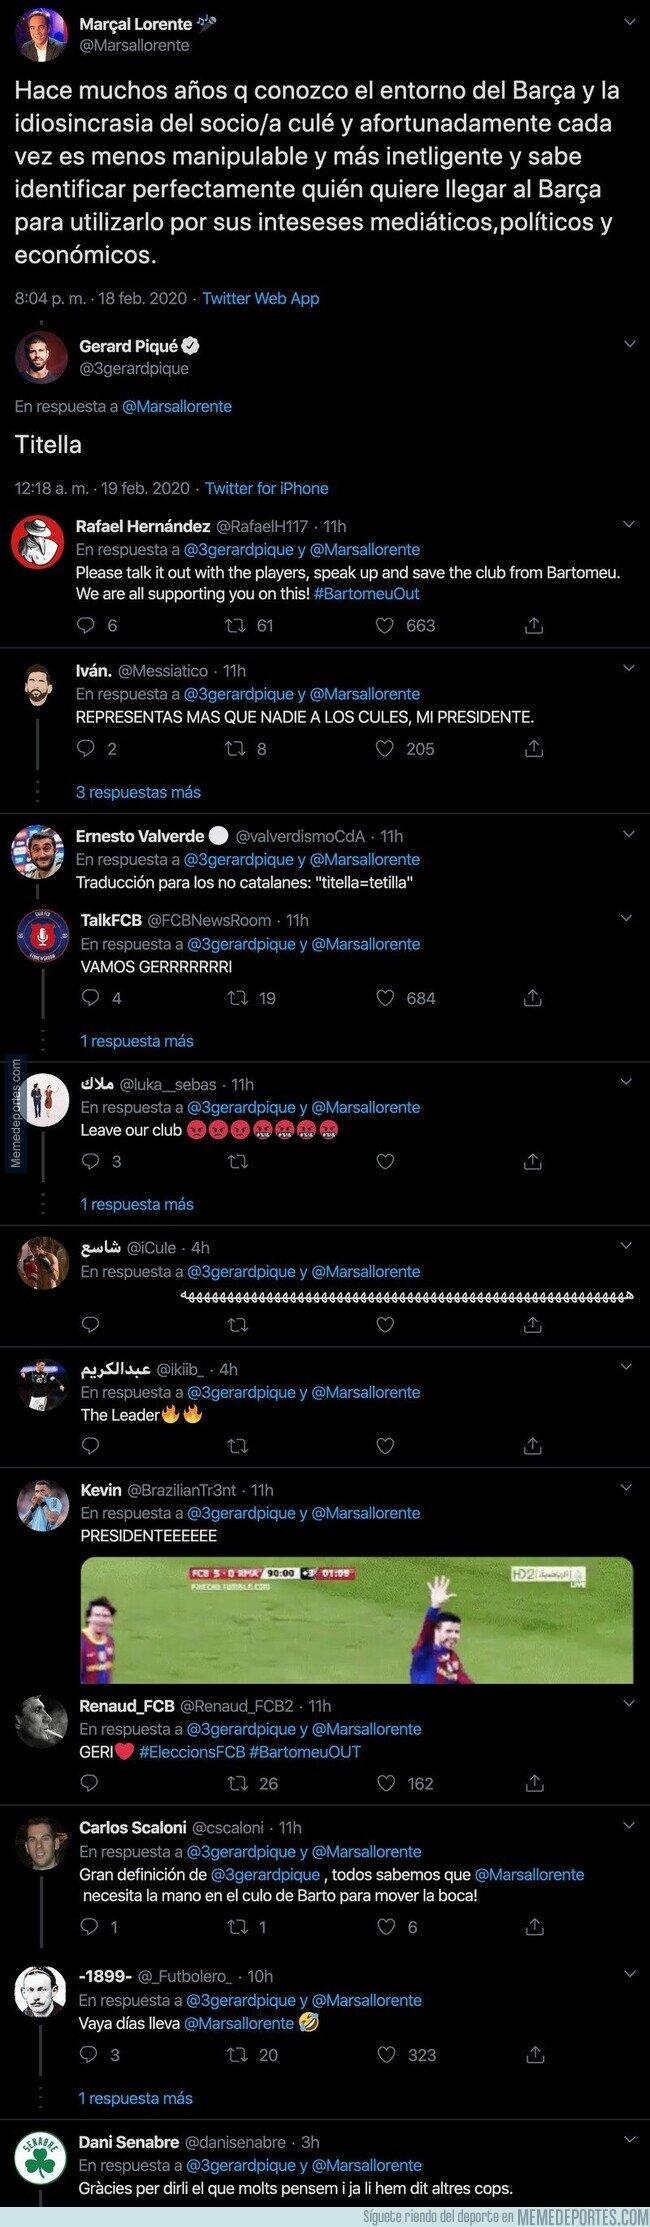 1098747 - El tuit descomuntal de Piqué dirigido a un periodista amigo de Bartomeu que deja claro que no hay nada de buena relación con el presidente del Barça